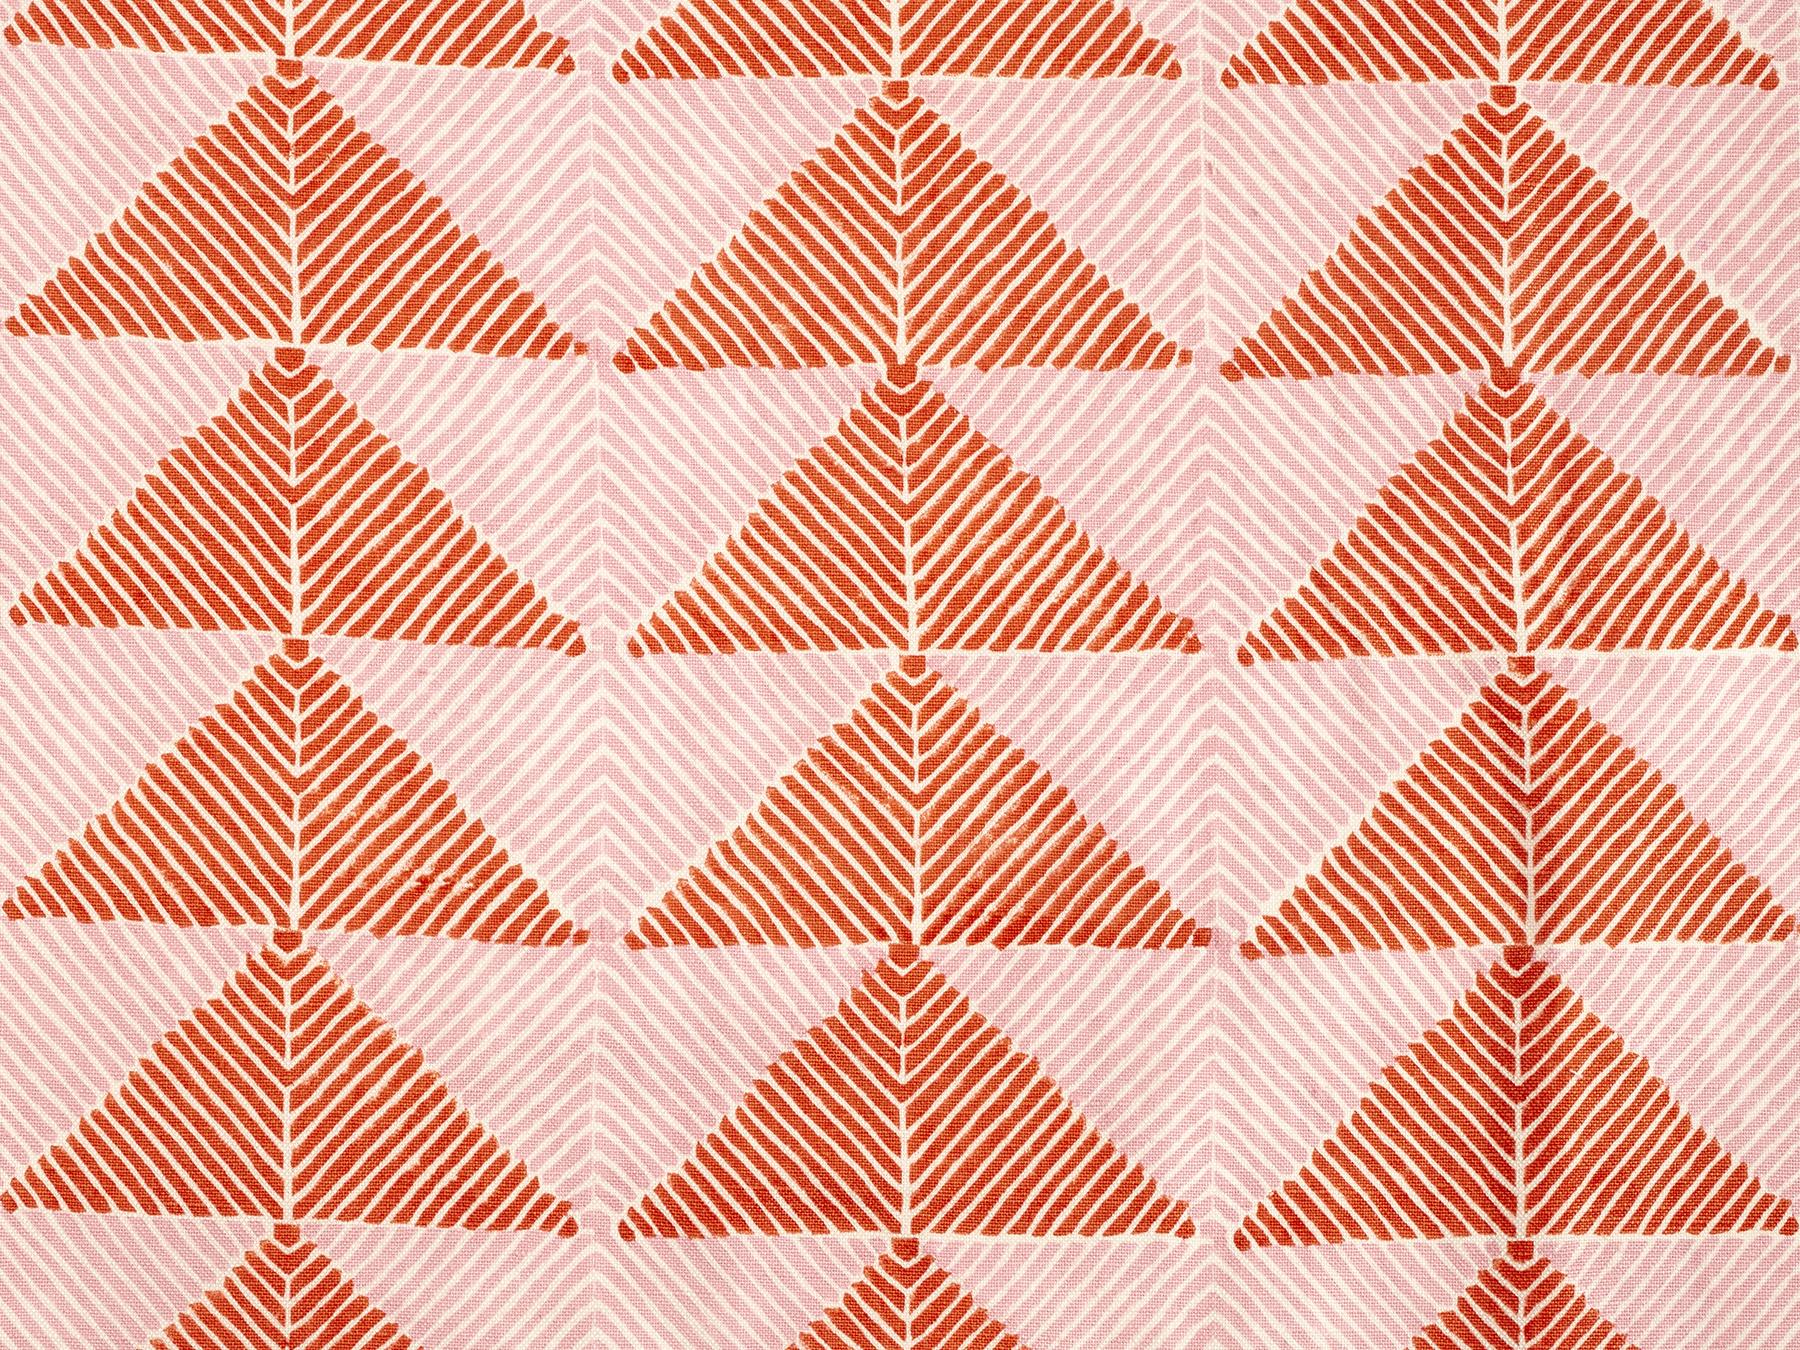 CLOTH & KIND // Wallpaper, Interior Design for Your Desktop // John Robshaw